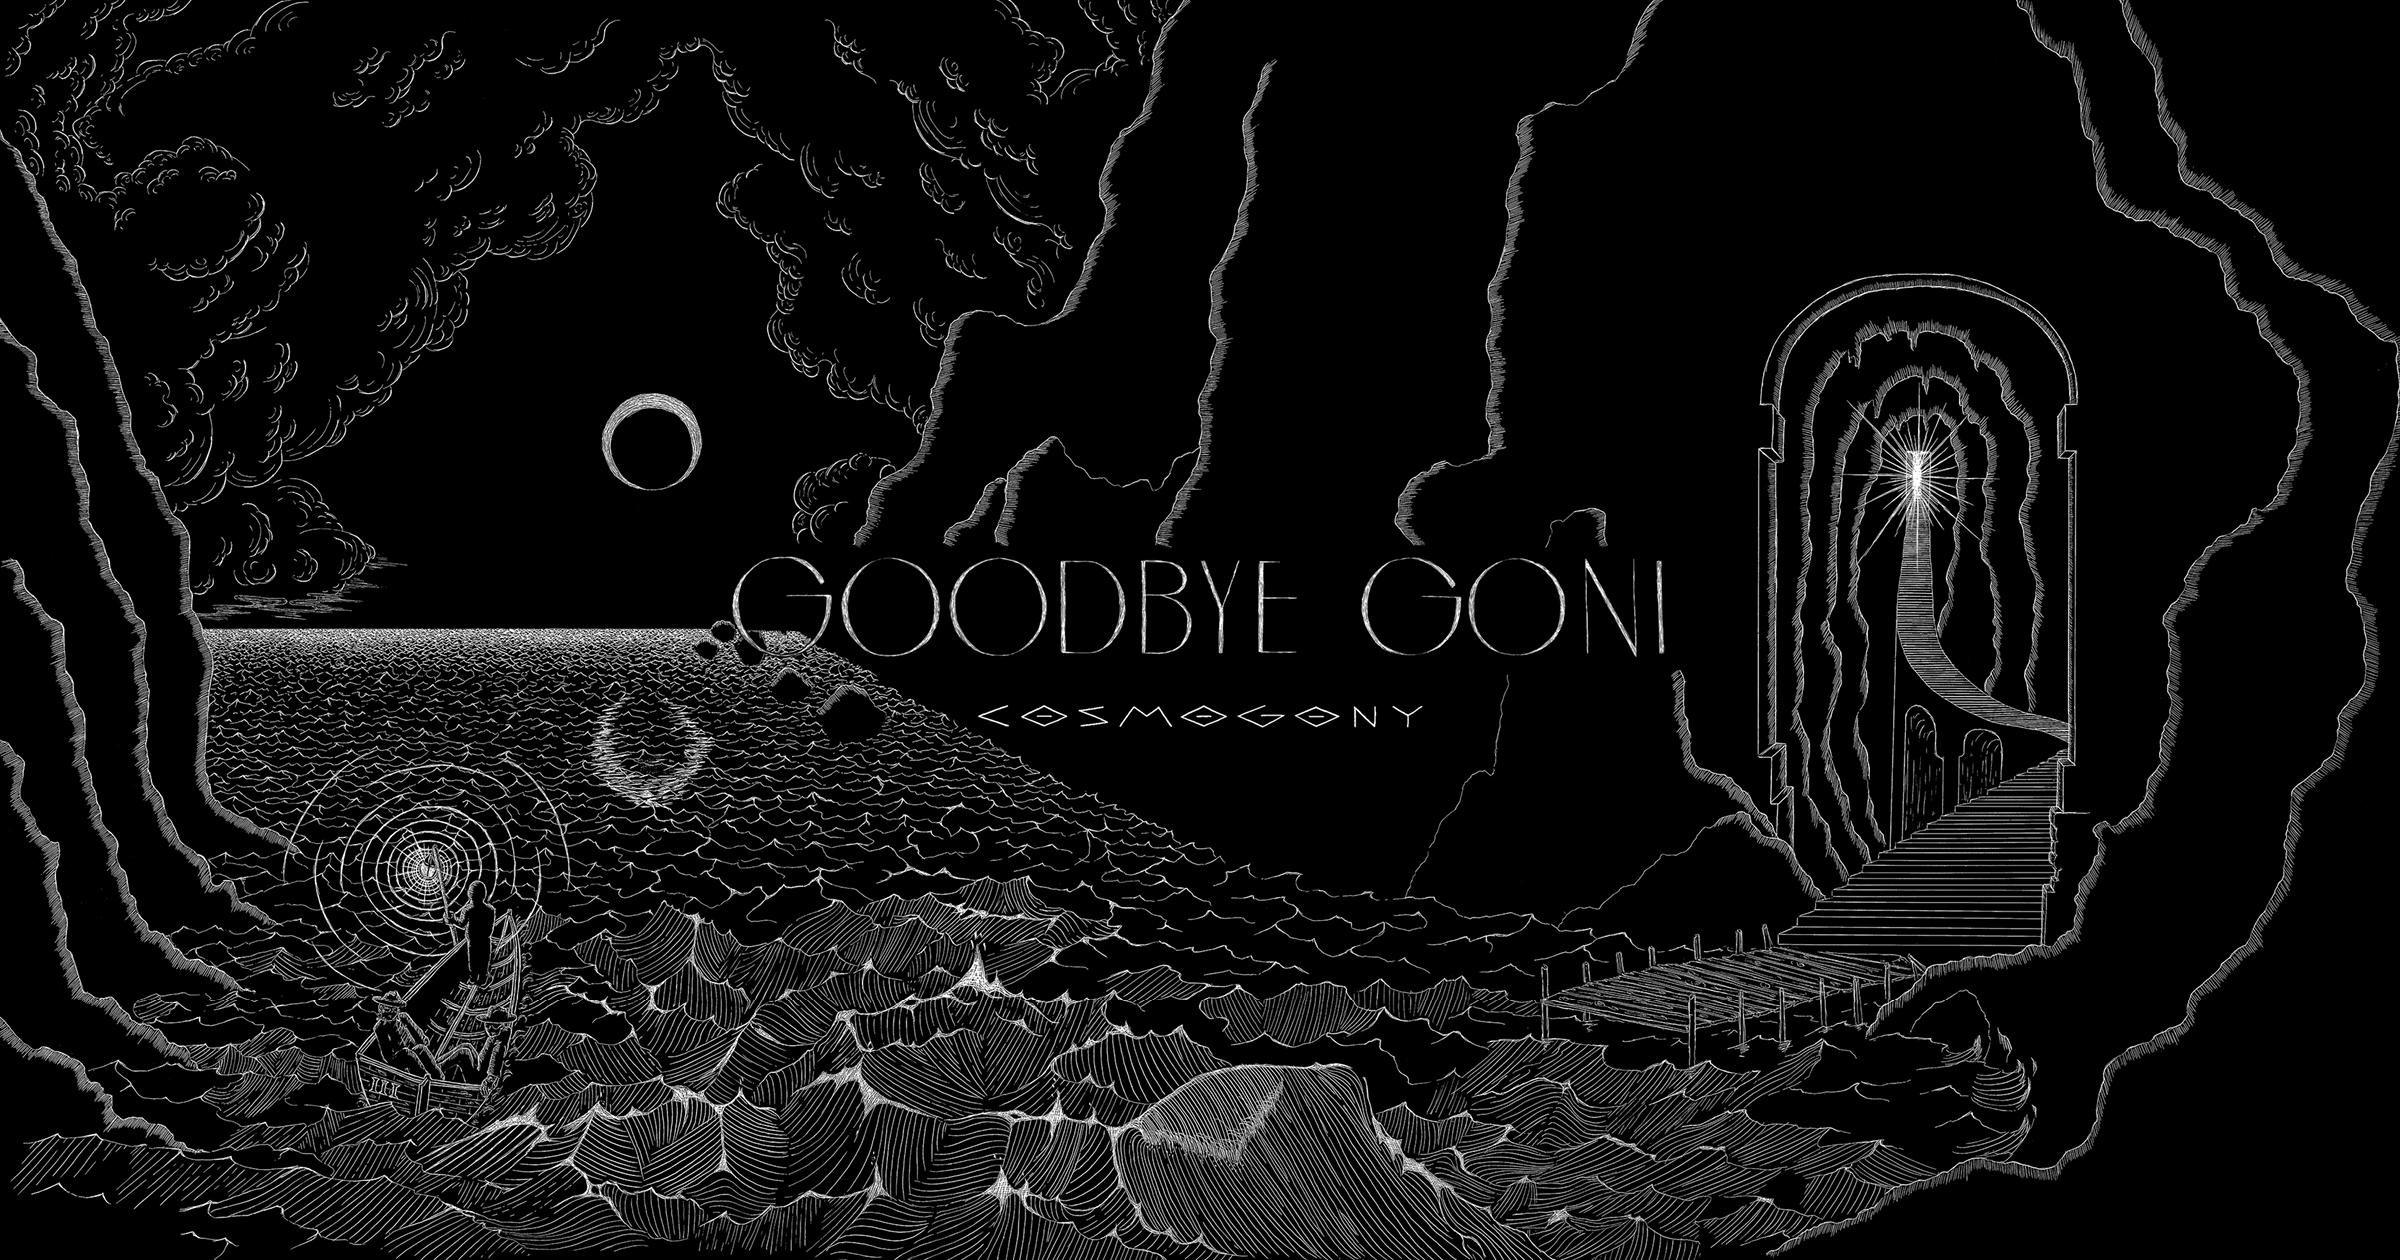 GOODBYE GONI – COSMOGONY